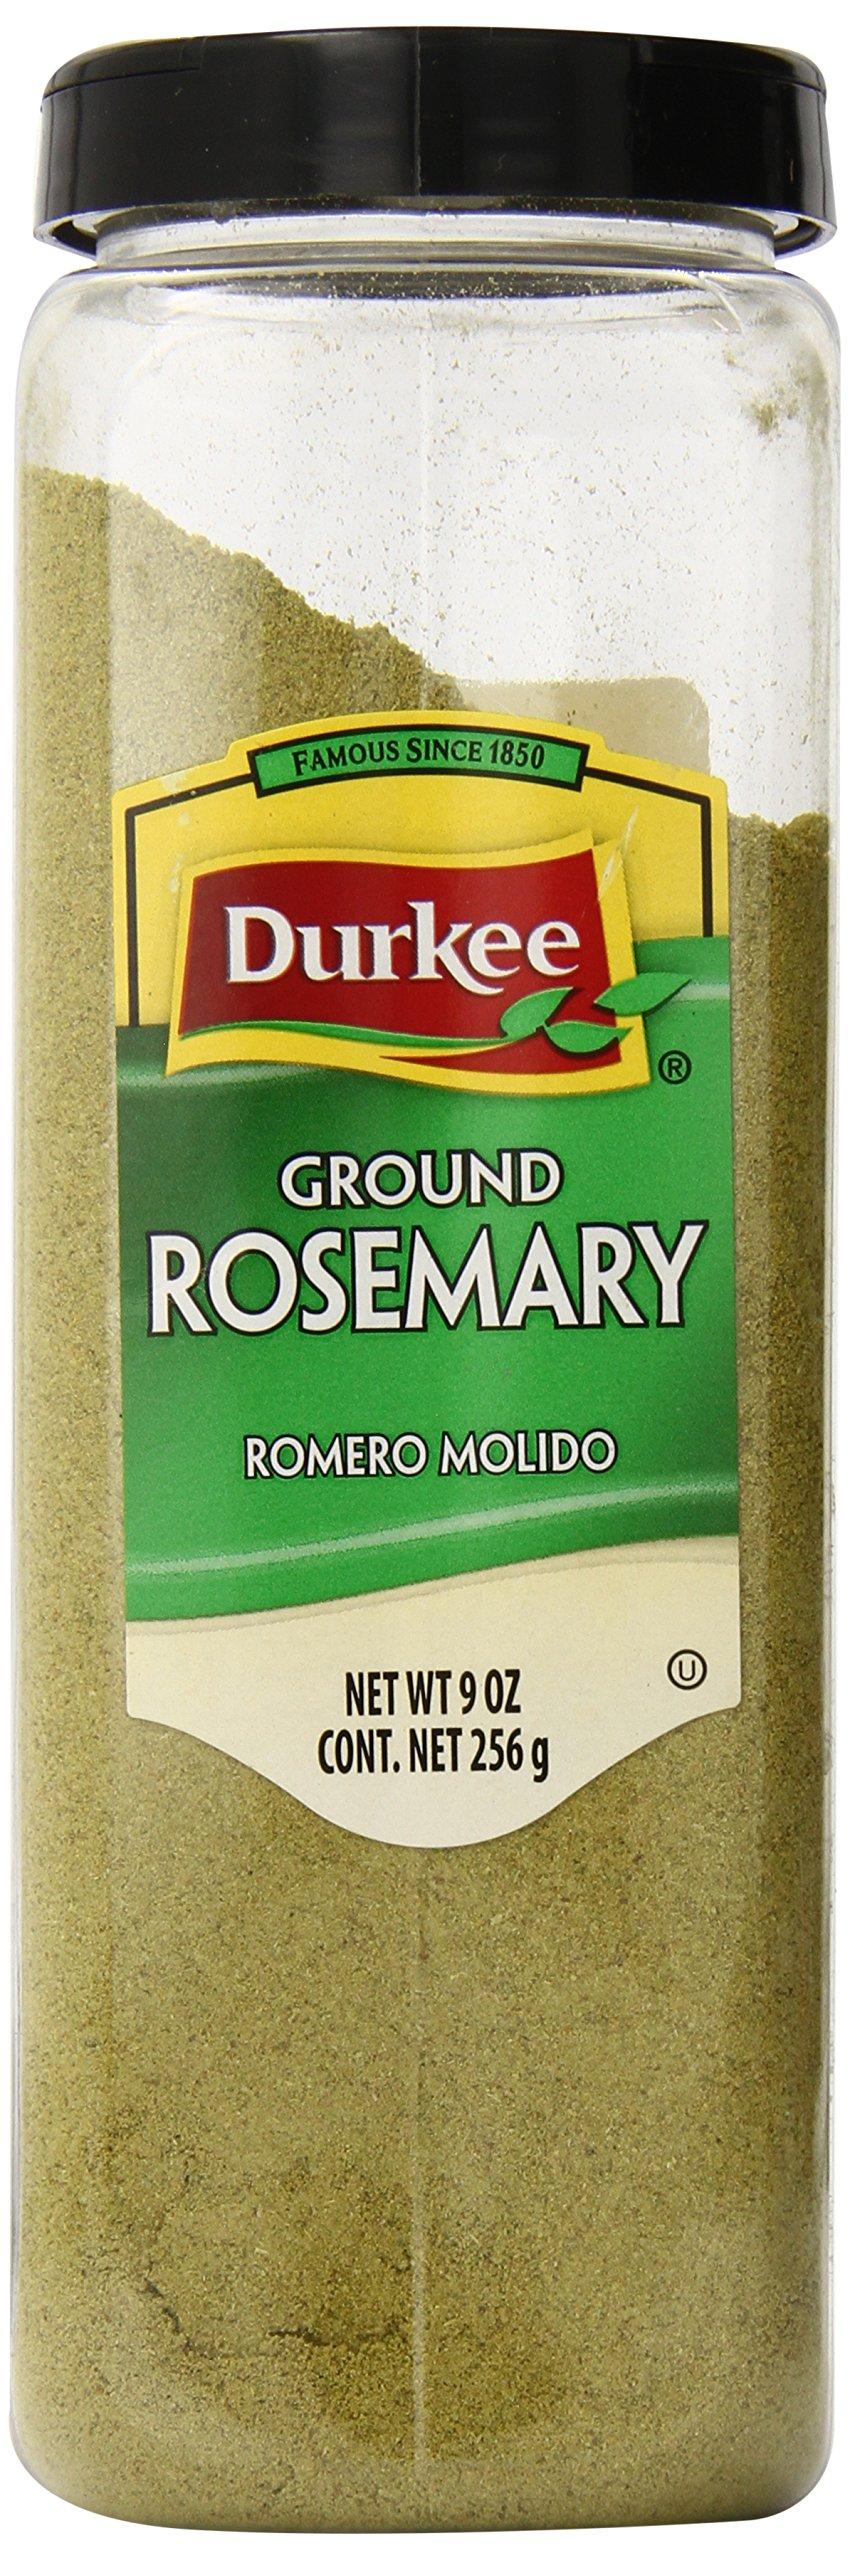 Durkee Ground Rosemary, 9-Ounce